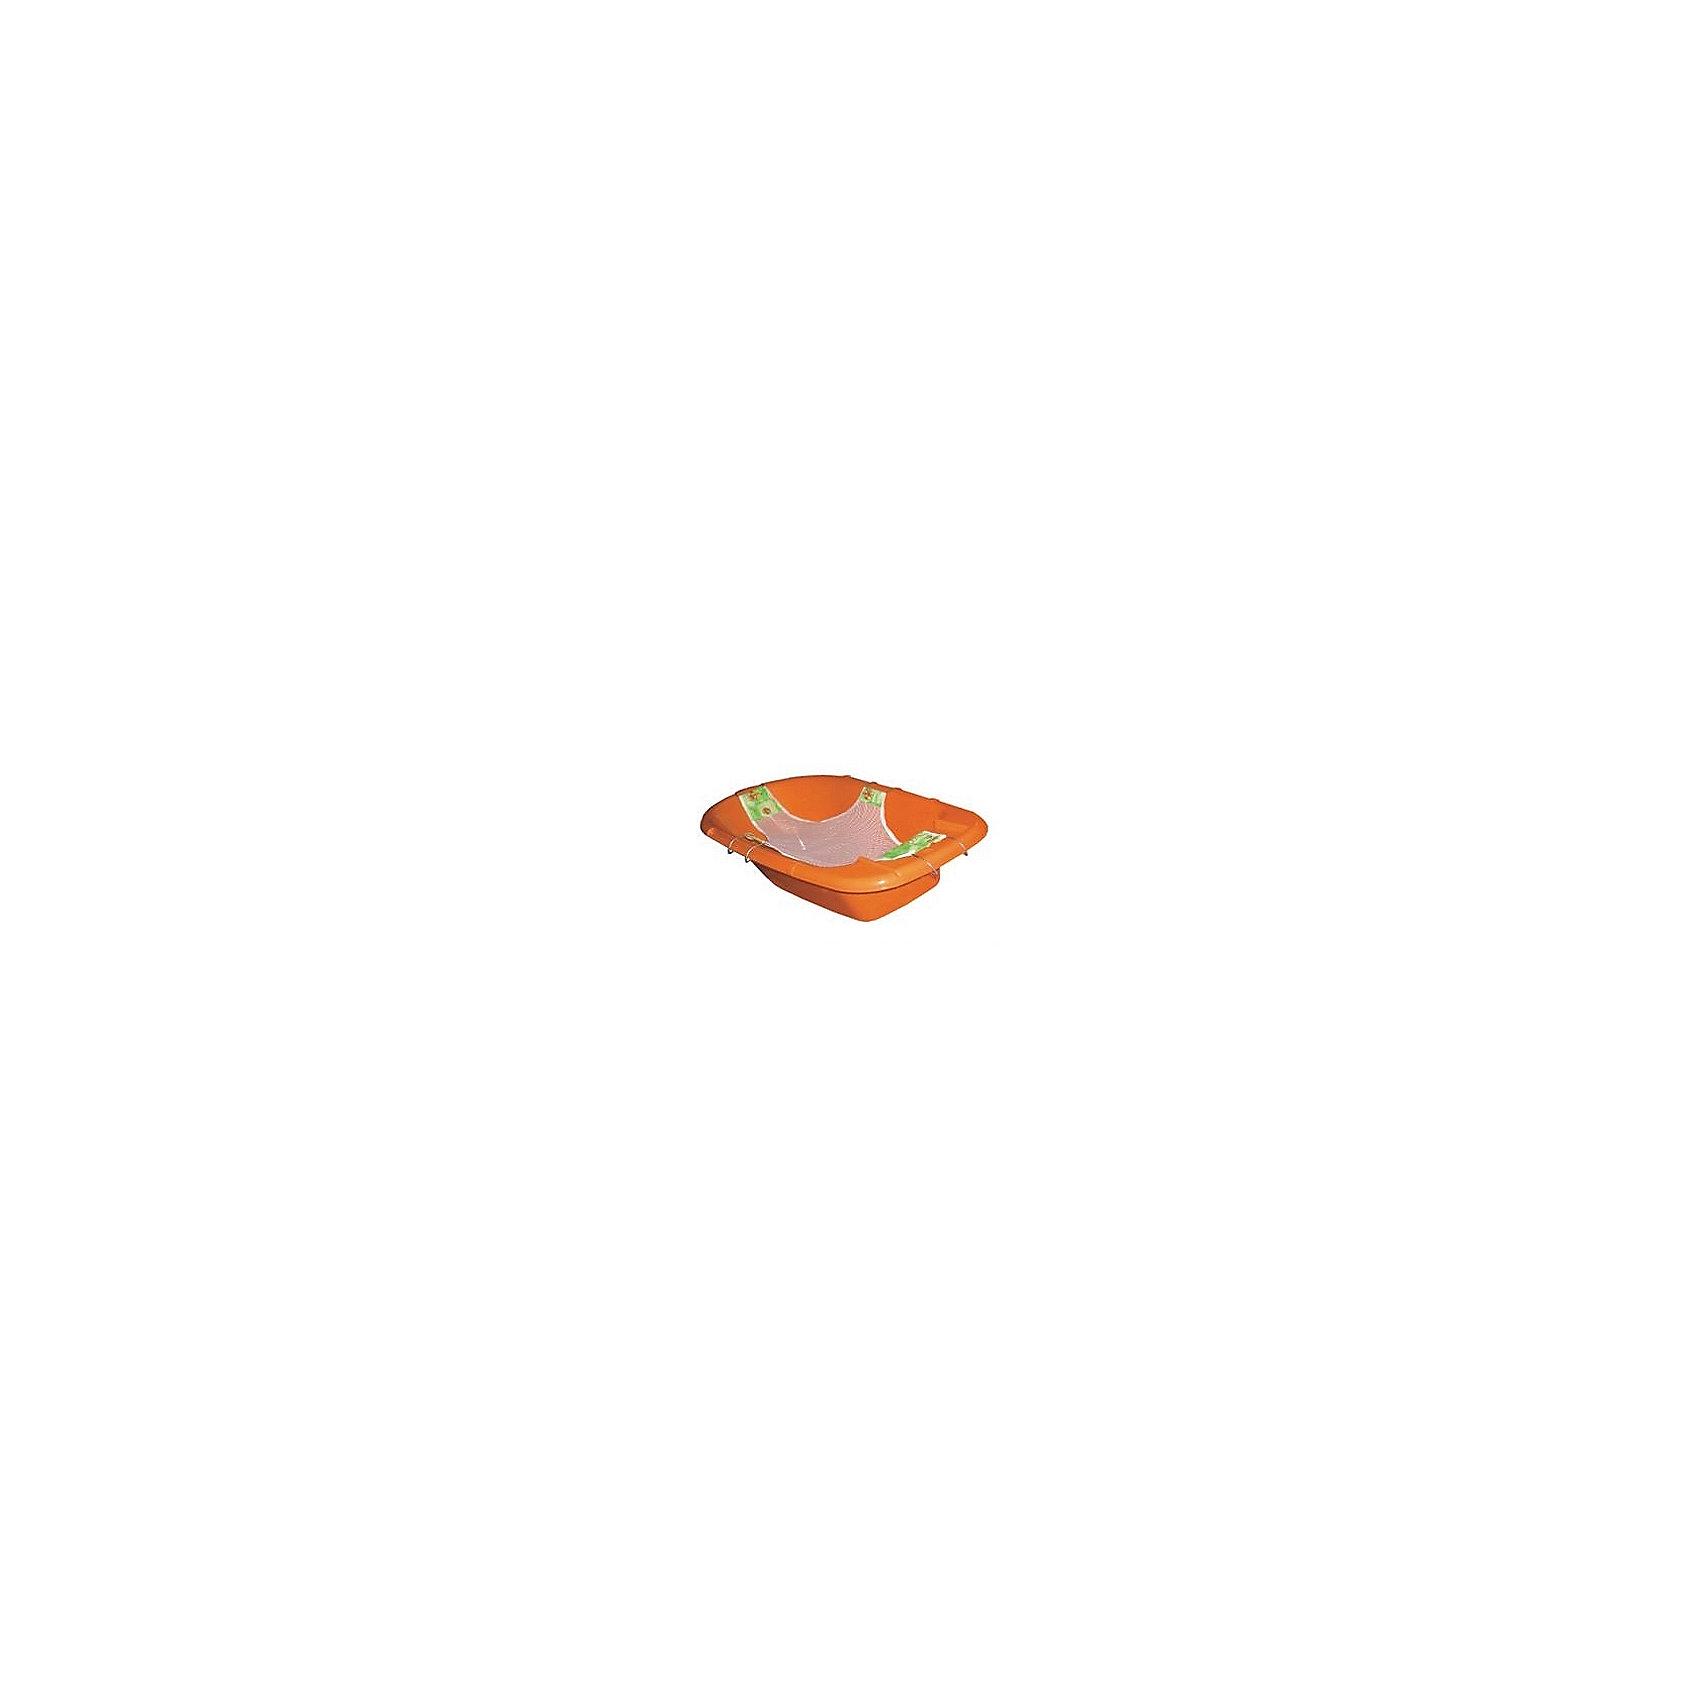 Подставка для купания ребенка гамак, ФеяВанны, горки, сиденья<br>Подставка предназначена для поддержки ребенка в процессе купания, она одевается на ванночку, подходит для использования с первых дней жизни малыша. Выполнена из мягкой хлопковой ткани и сетки, надежно крепится на ванночку с помощью металлических крючков.<br><br>Дополнительная информация:<br><br>- Материал: хлопок, сетка, металл.<br>- Размер: 94 х 56 см.<br><br>Подставку для купания ребенка, гамак, Фея, можно купить в нашем магазине.<br><br>Ширина мм: 50<br>Глубина мм: 400<br>Высота мм: 400<br>Вес г: 100<br>Возраст от месяцев: 0<br>Возраст до месяцев: 36<br>Пол: Унисекс<br>Возраст: Детский<br>SKU: 4067740